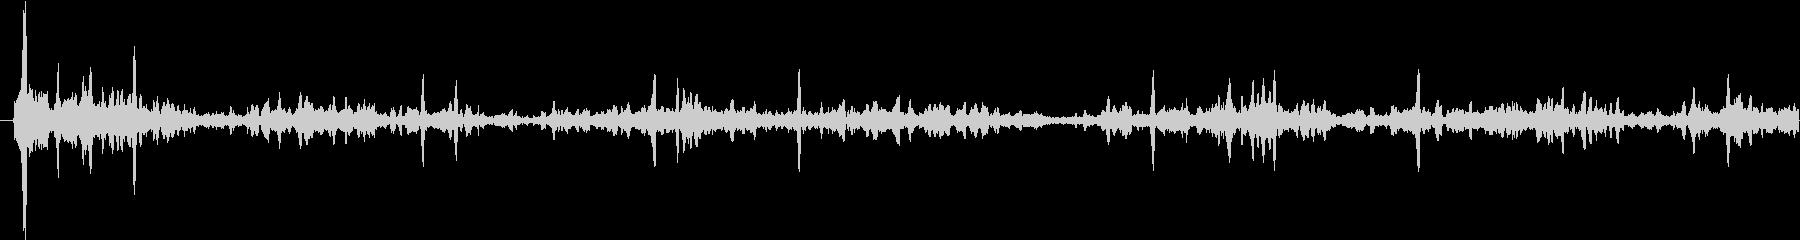 ブクブク(水の音)の未再生の波形